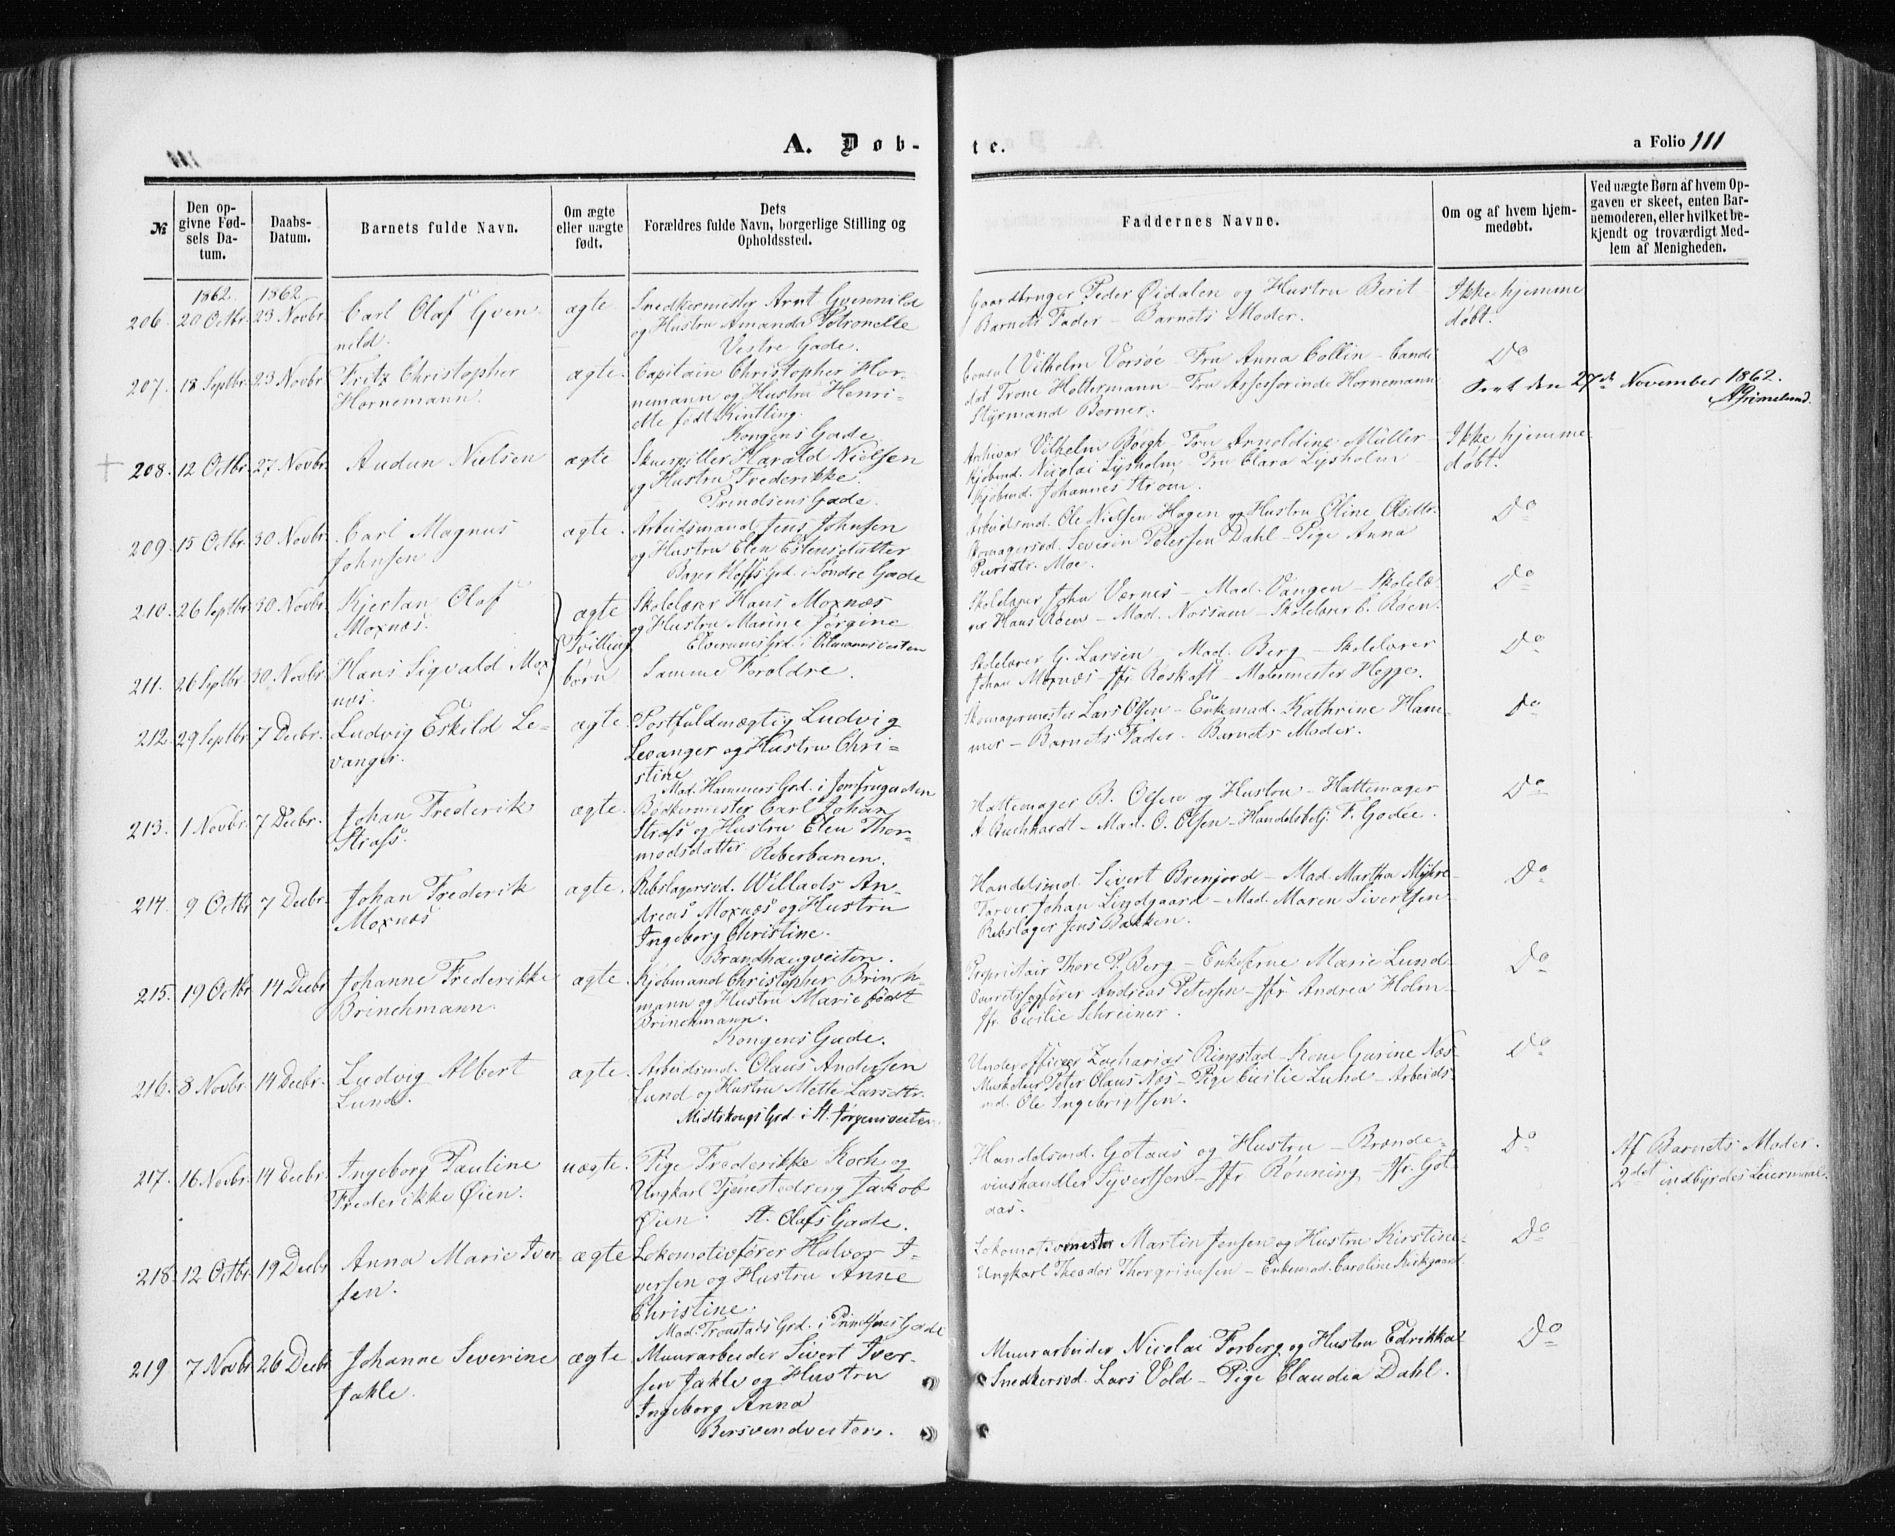 SAT, Ministerialprotokoller, klokkerbøker og fødselsregistre - Sør-Trøndelag, 601/L0053: Ministerialbok nr. 601A21, 1857-1865, s. 111